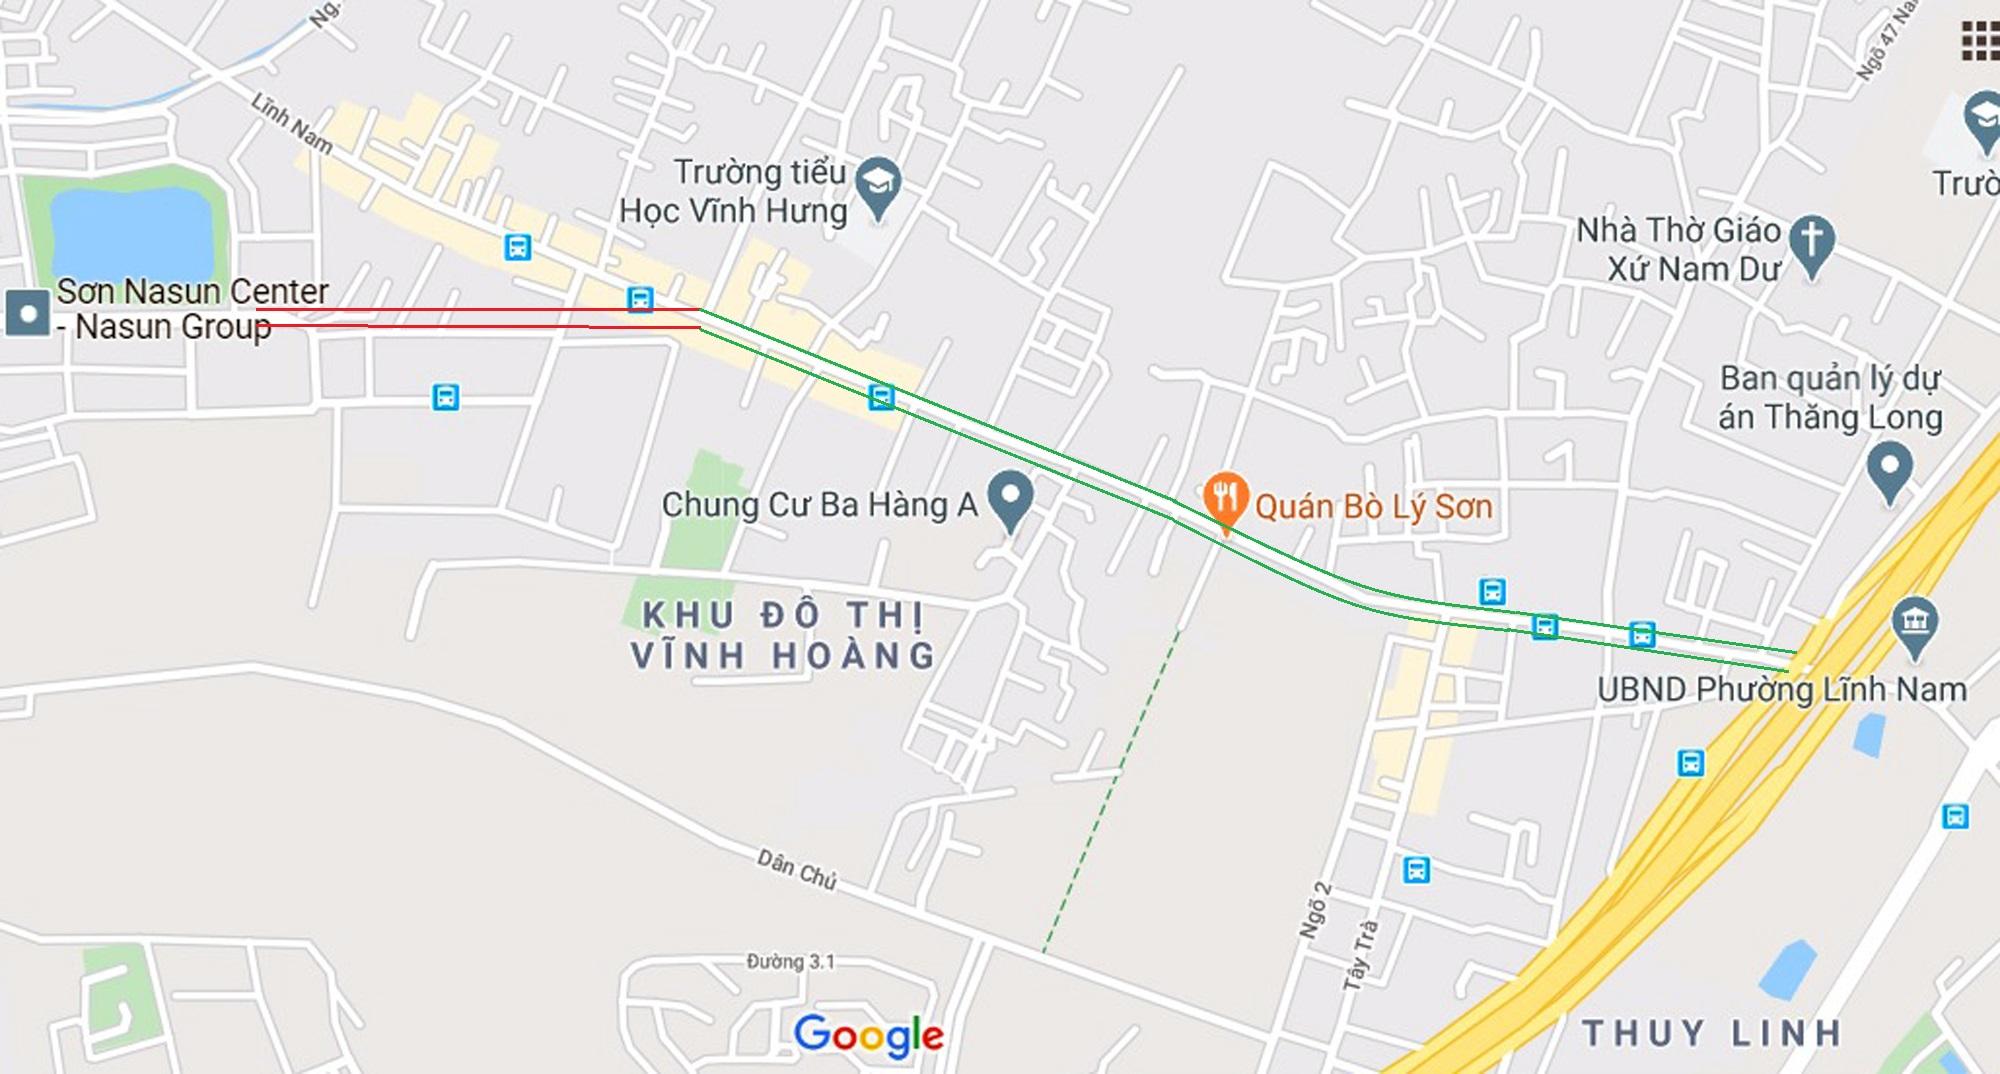 Khu Nam Hà Nội 'phá kén' với những cú bật hạ tầng - Ảnh 7.